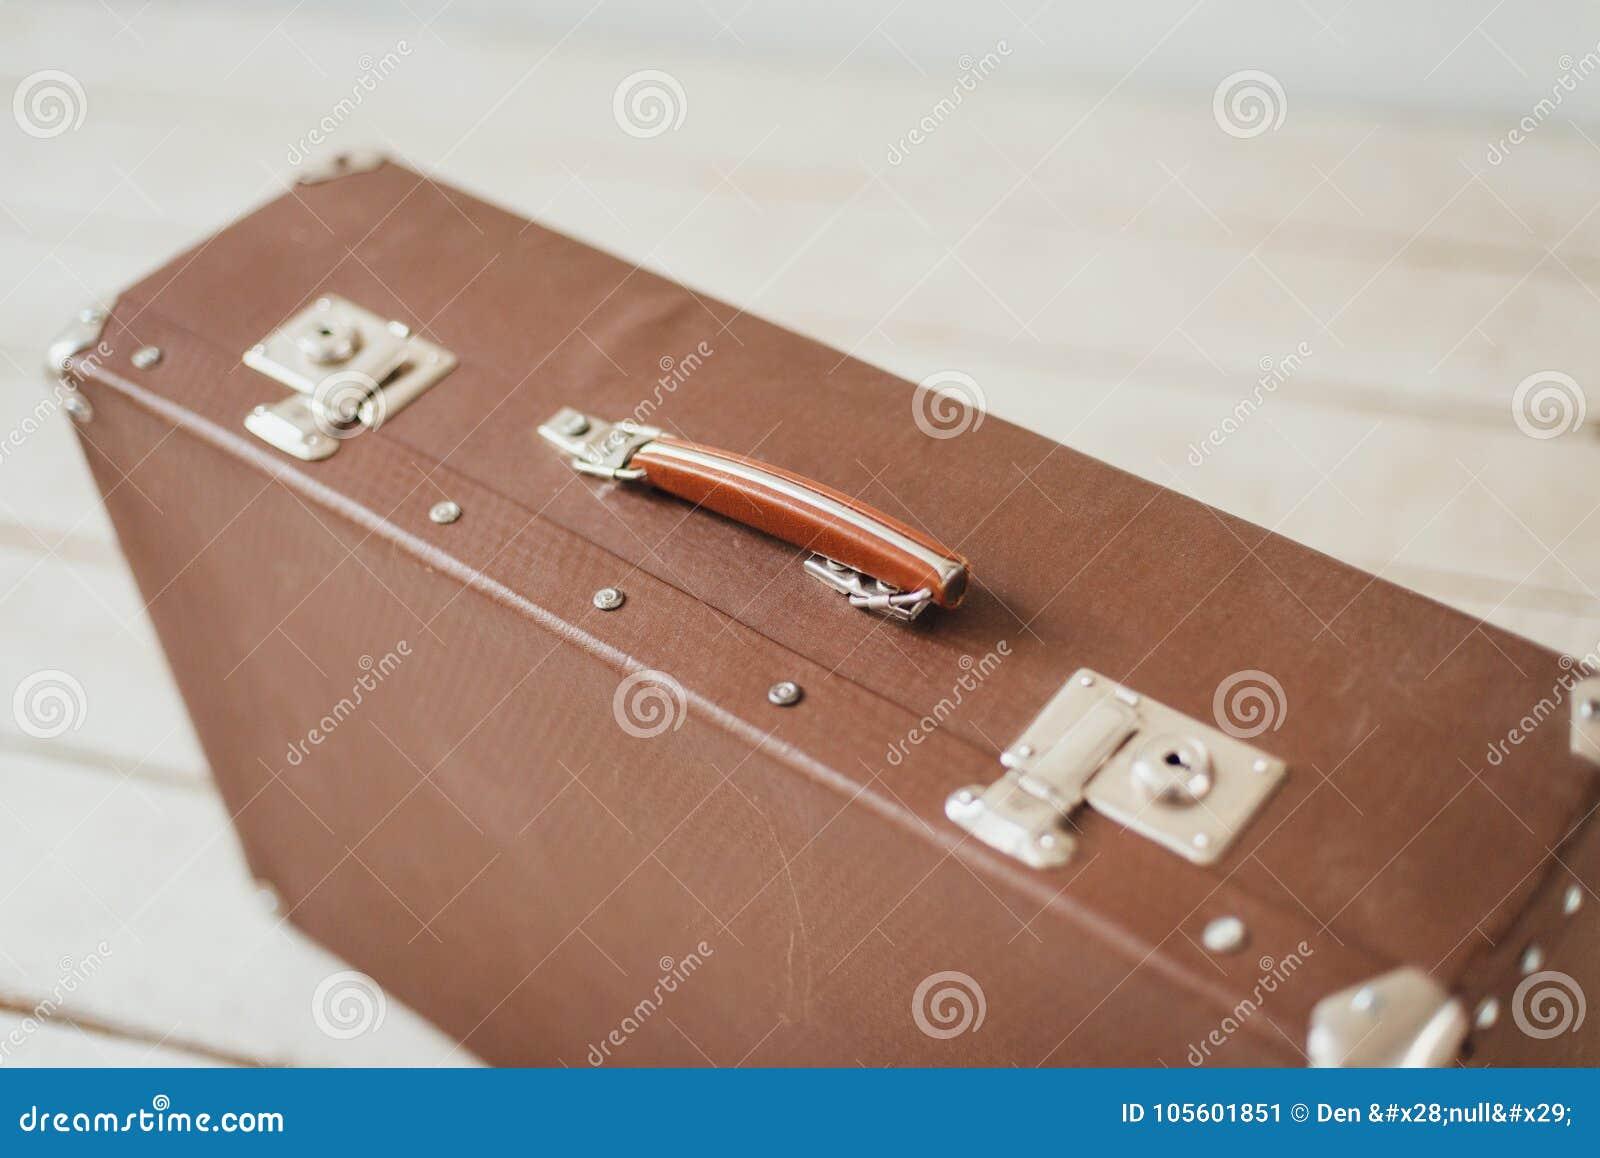 在白色木板走道地板上的老棕色手提箱